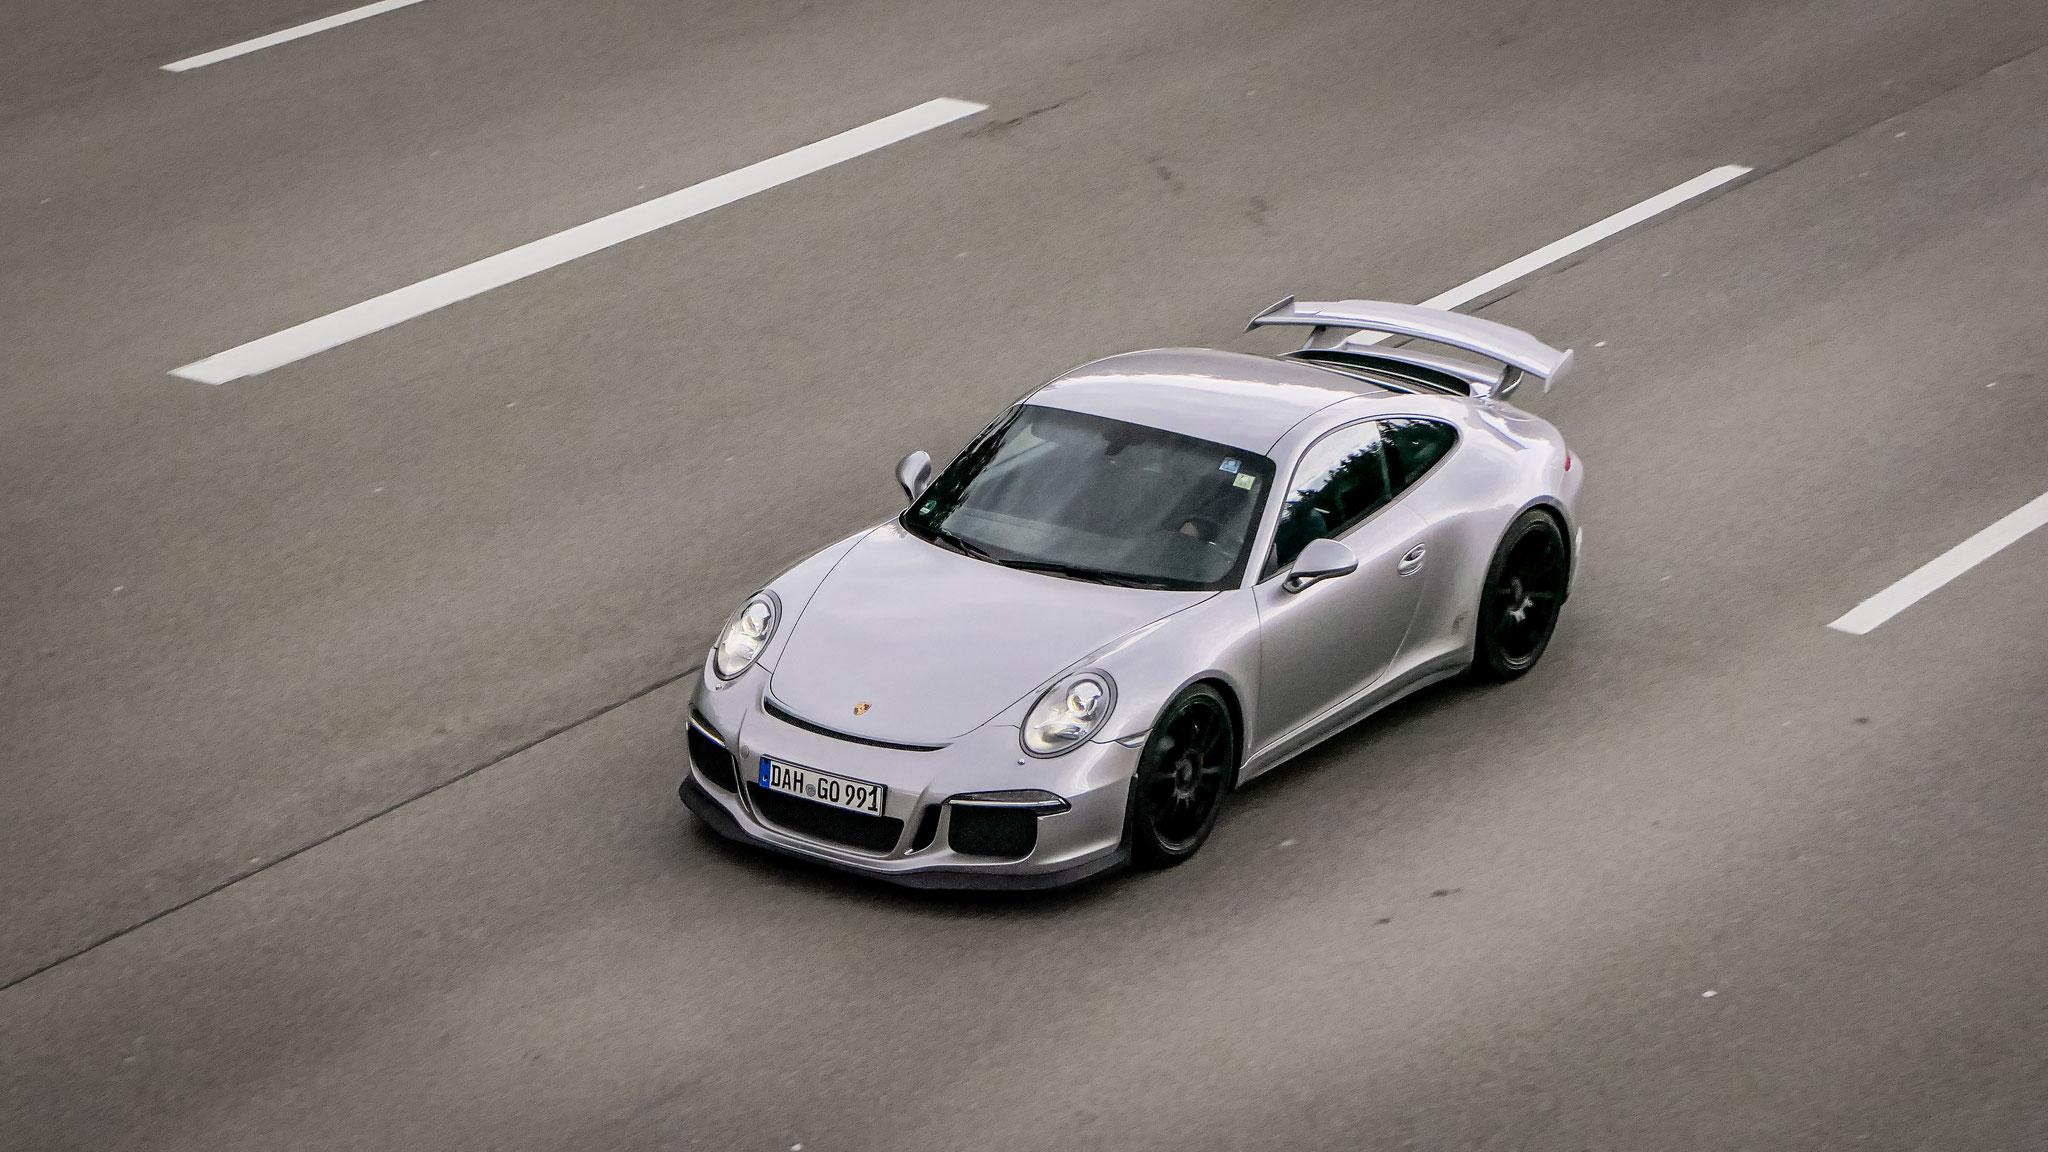 Porsche 991 GT3 - DA-GO-991